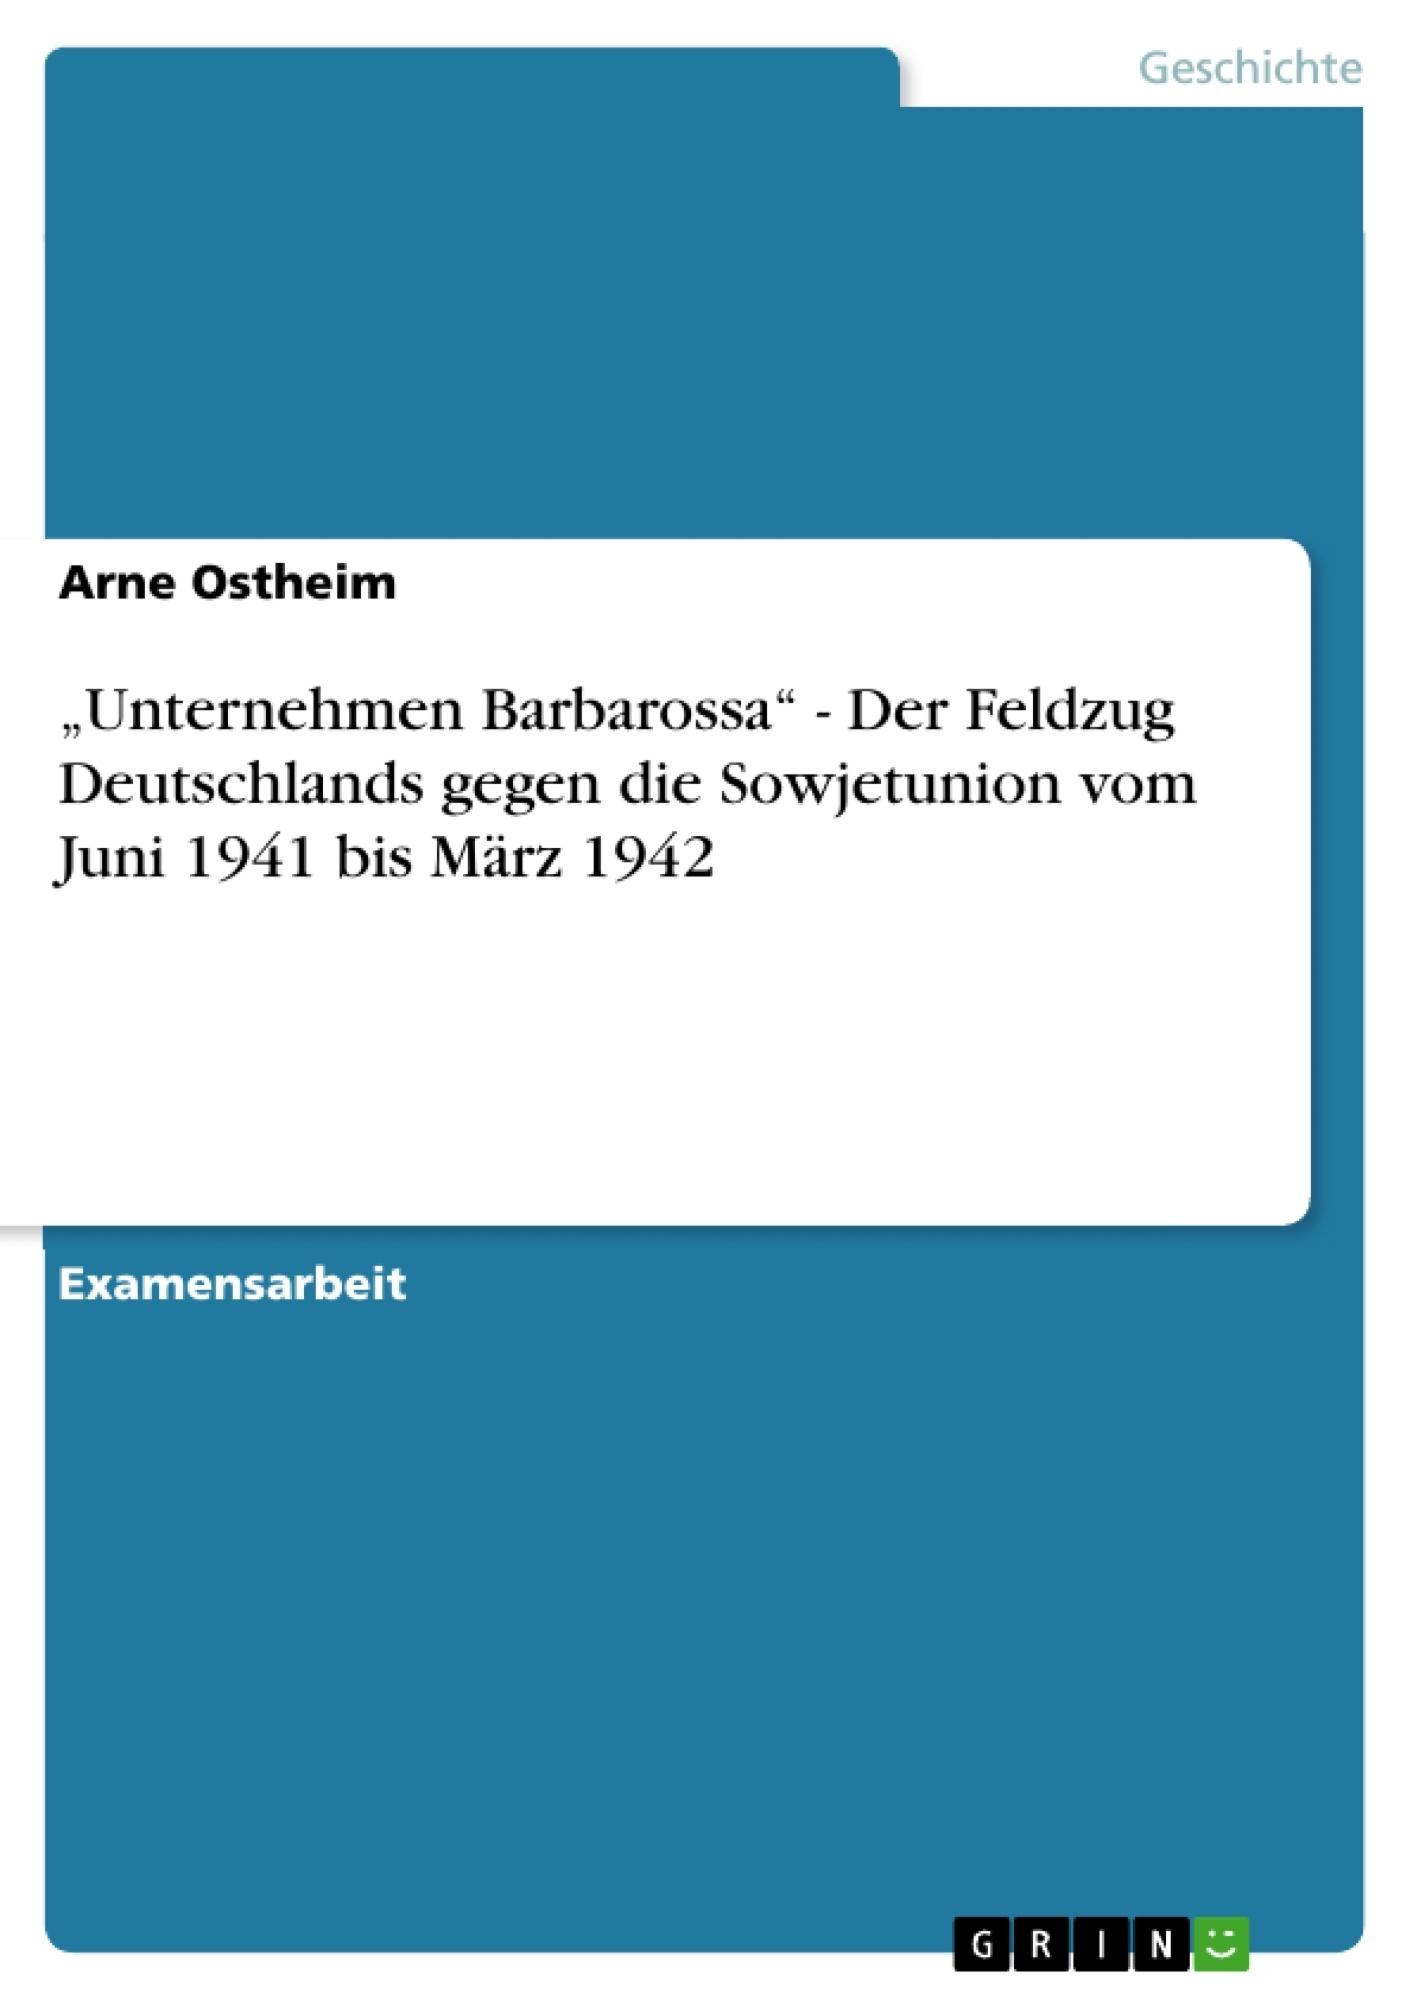 """Titel: """"Unternehmen Barbarossa"""" - Der Feldzug Deutschlands gegen die Sowjetunion vom Juni 1941 bis März 1942"""